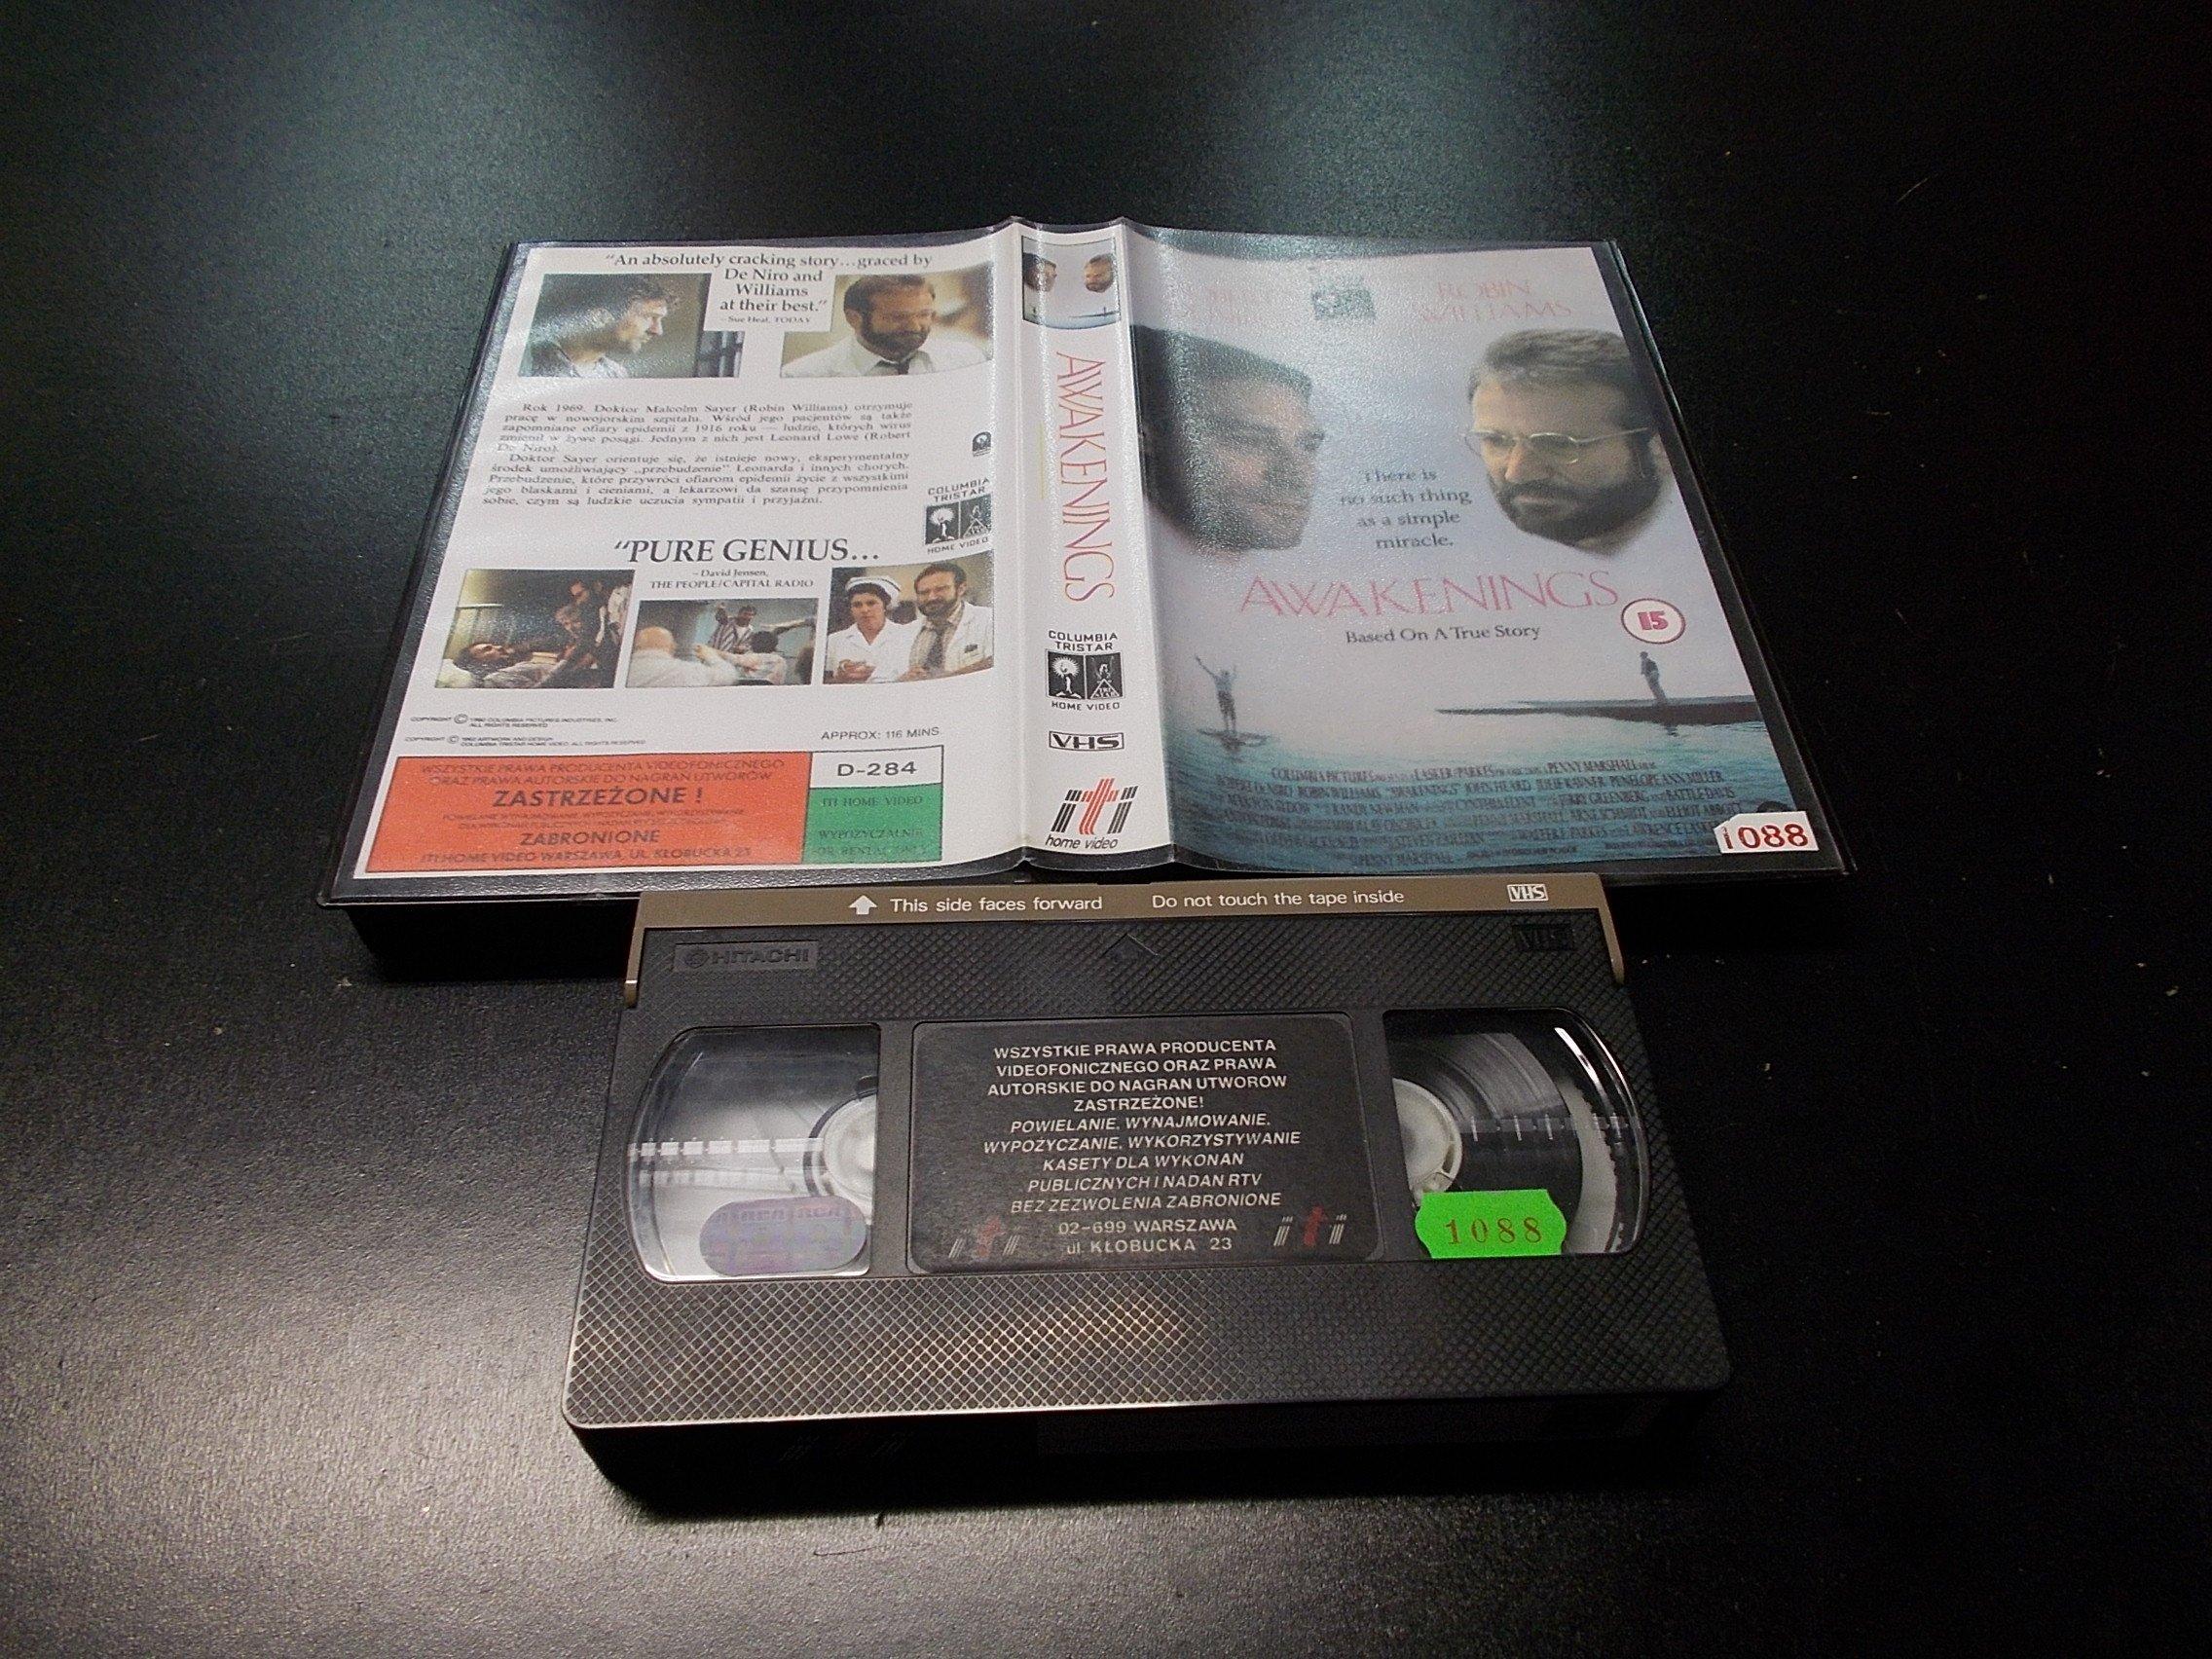 PRZEBUDZENIE -  kaseta VHS - 1192 Opole - AlleOpole.pl